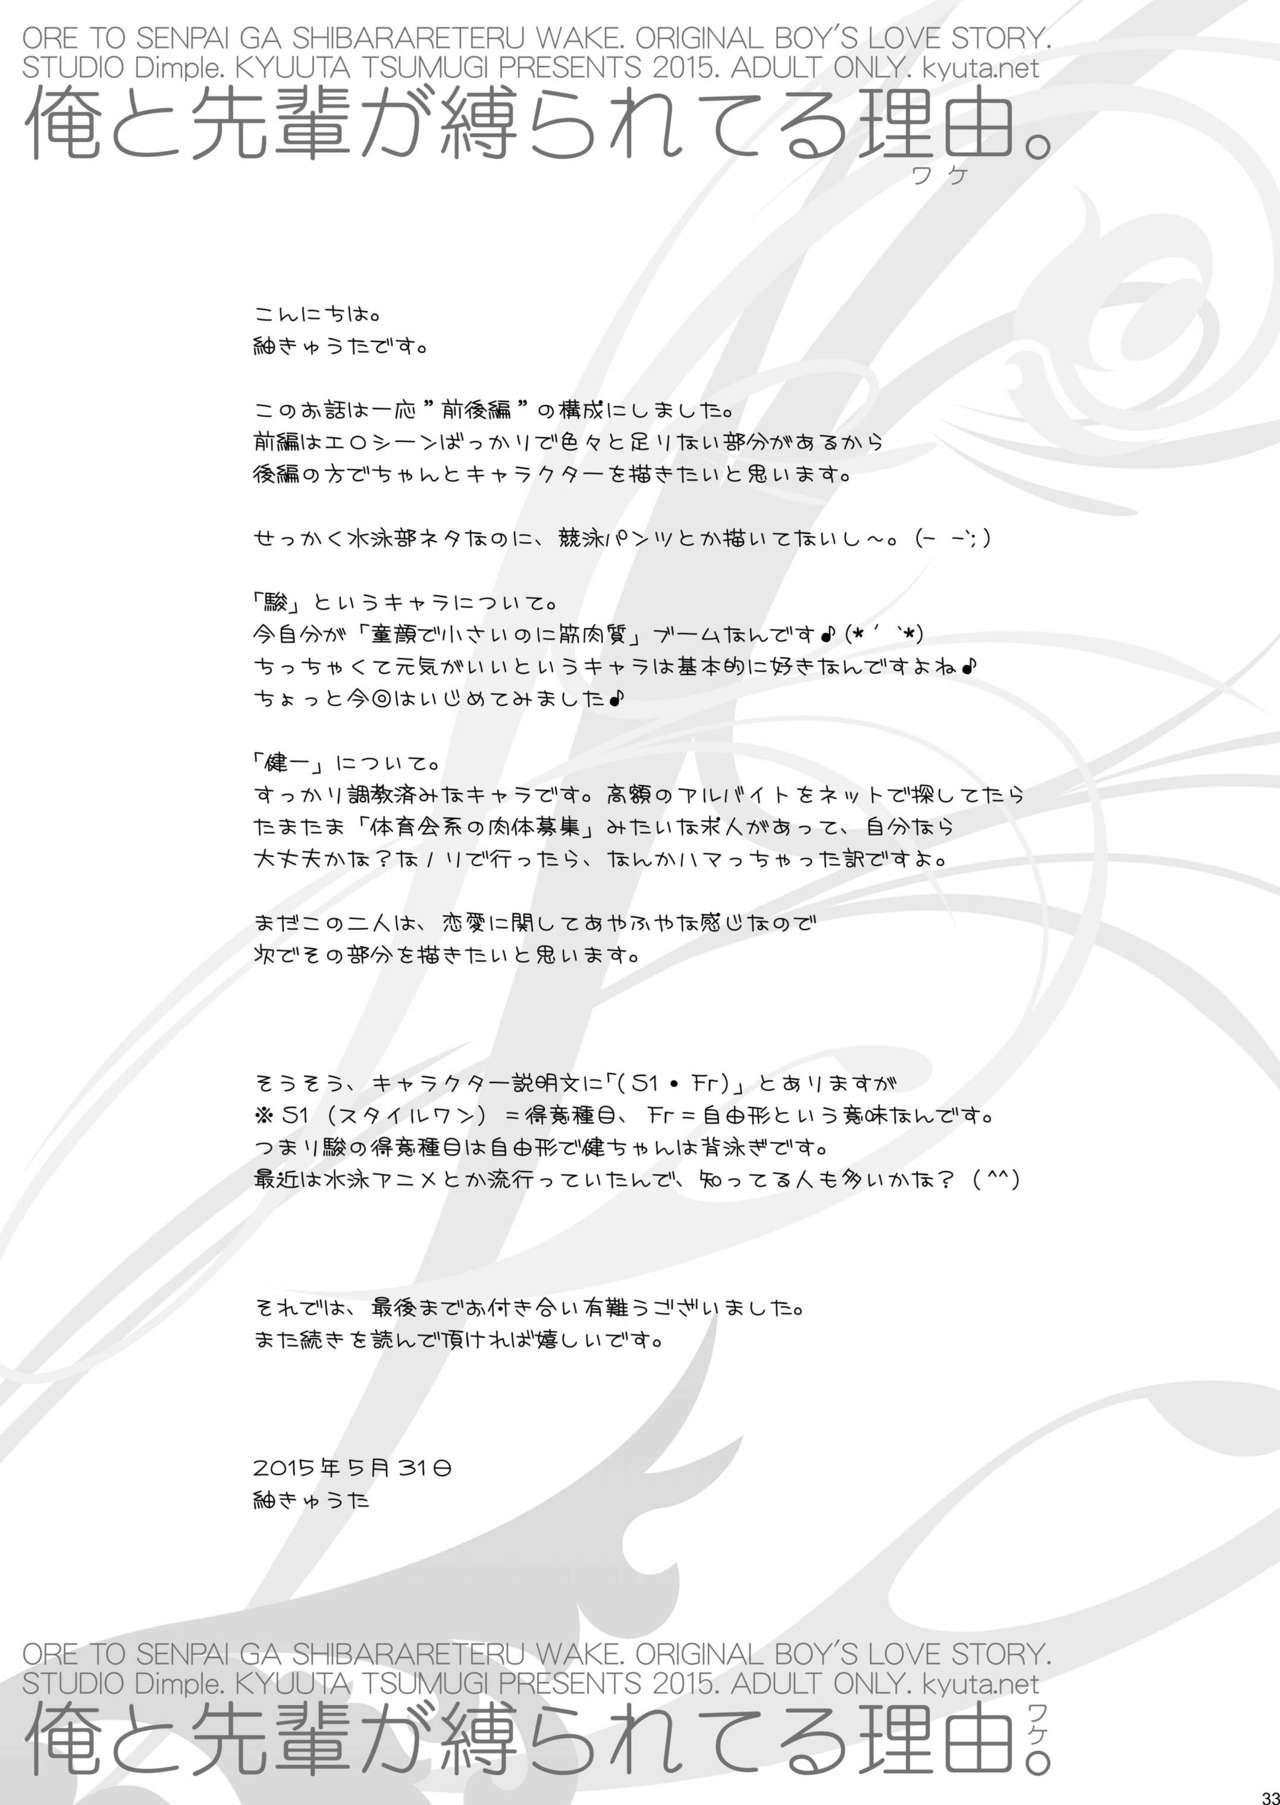 Ore to Senpai ga Shibarateru Wake. 32